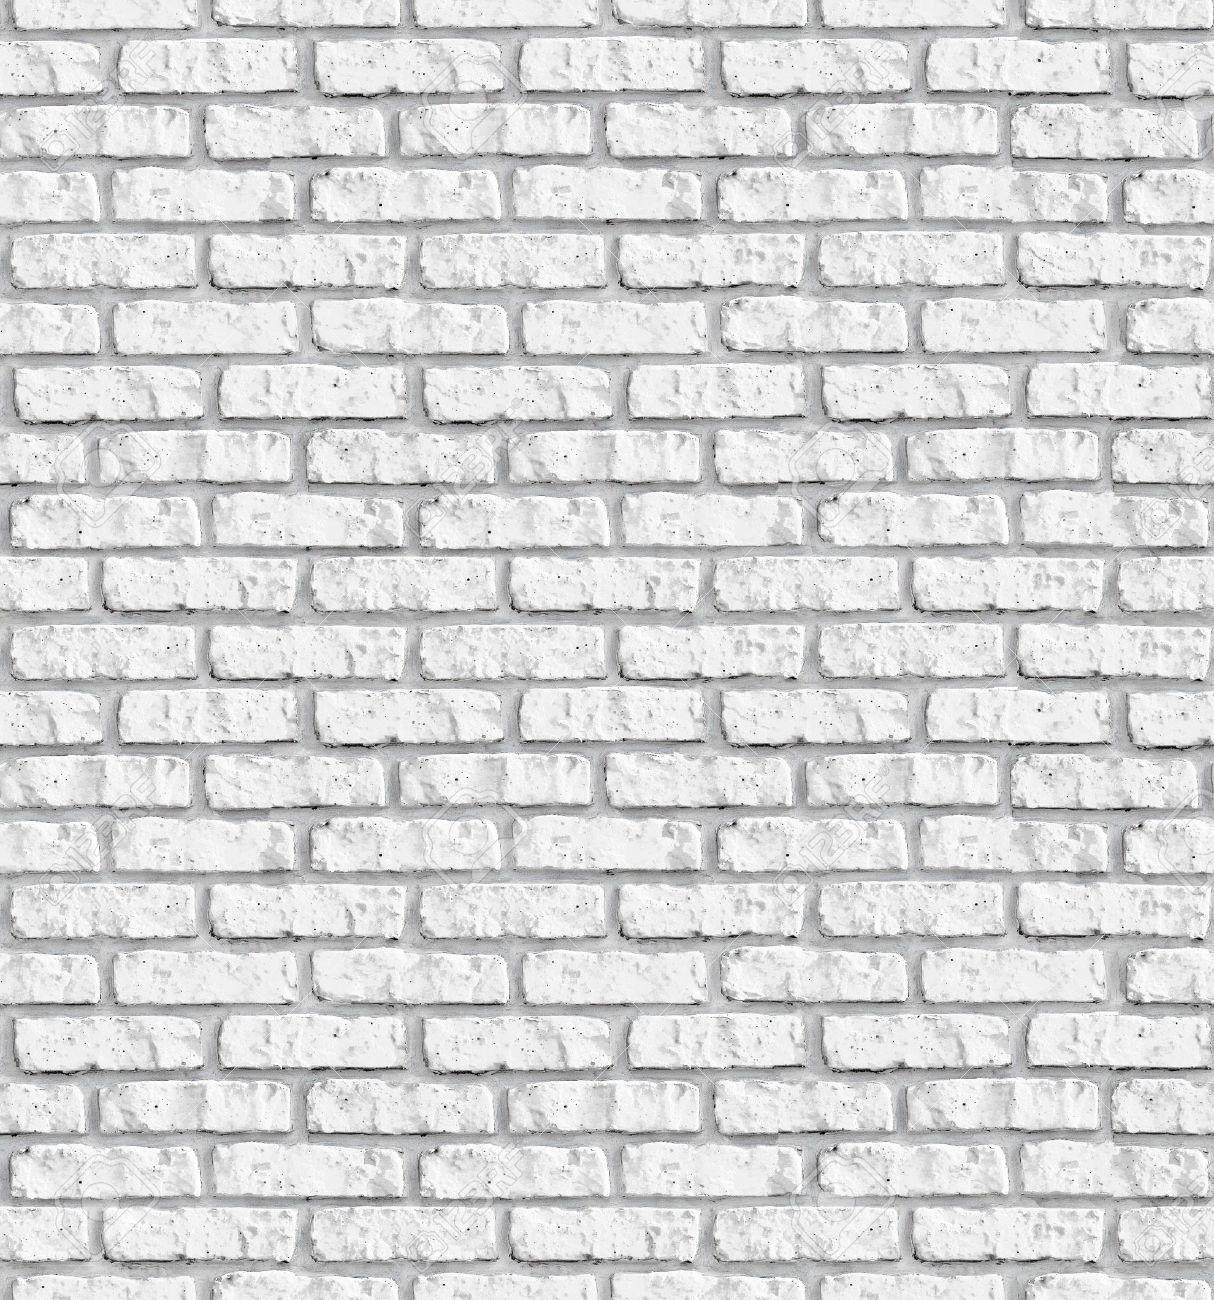 Blanco Brickwall De Fondo Sin Fisuras - Patrón De Textura Continua ...